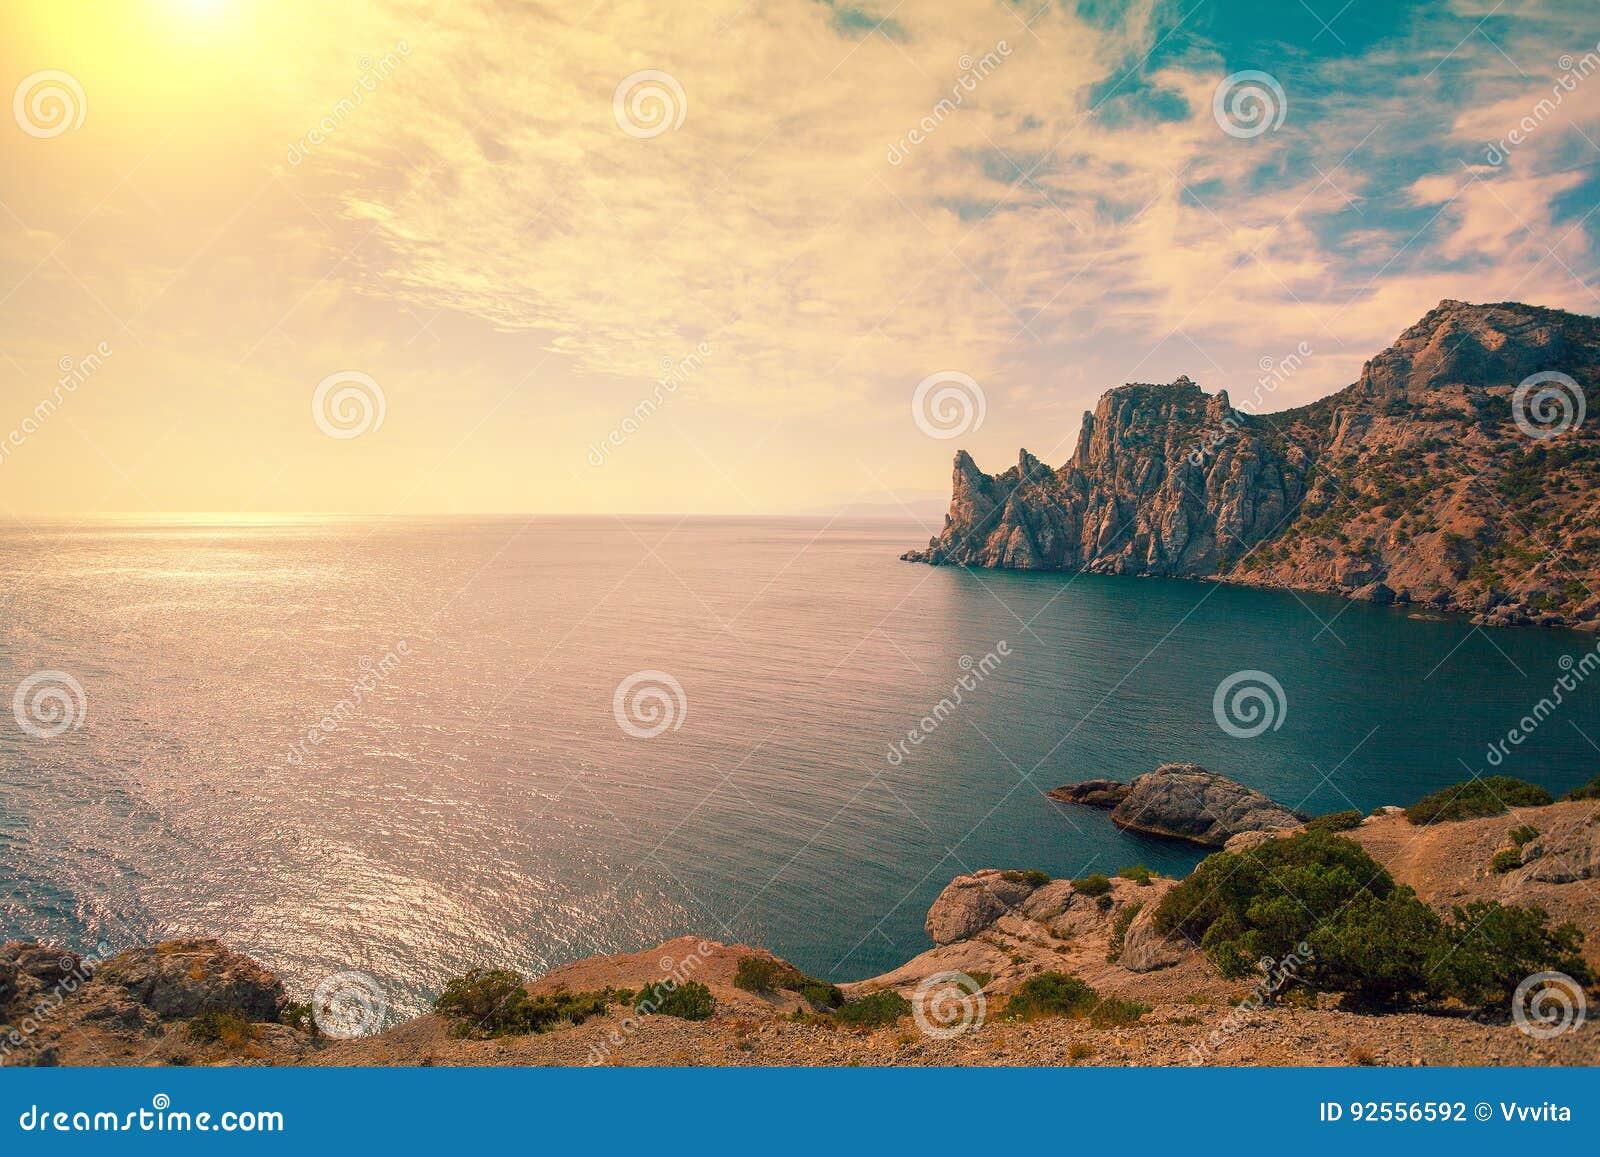 Costa di mare rocciosa